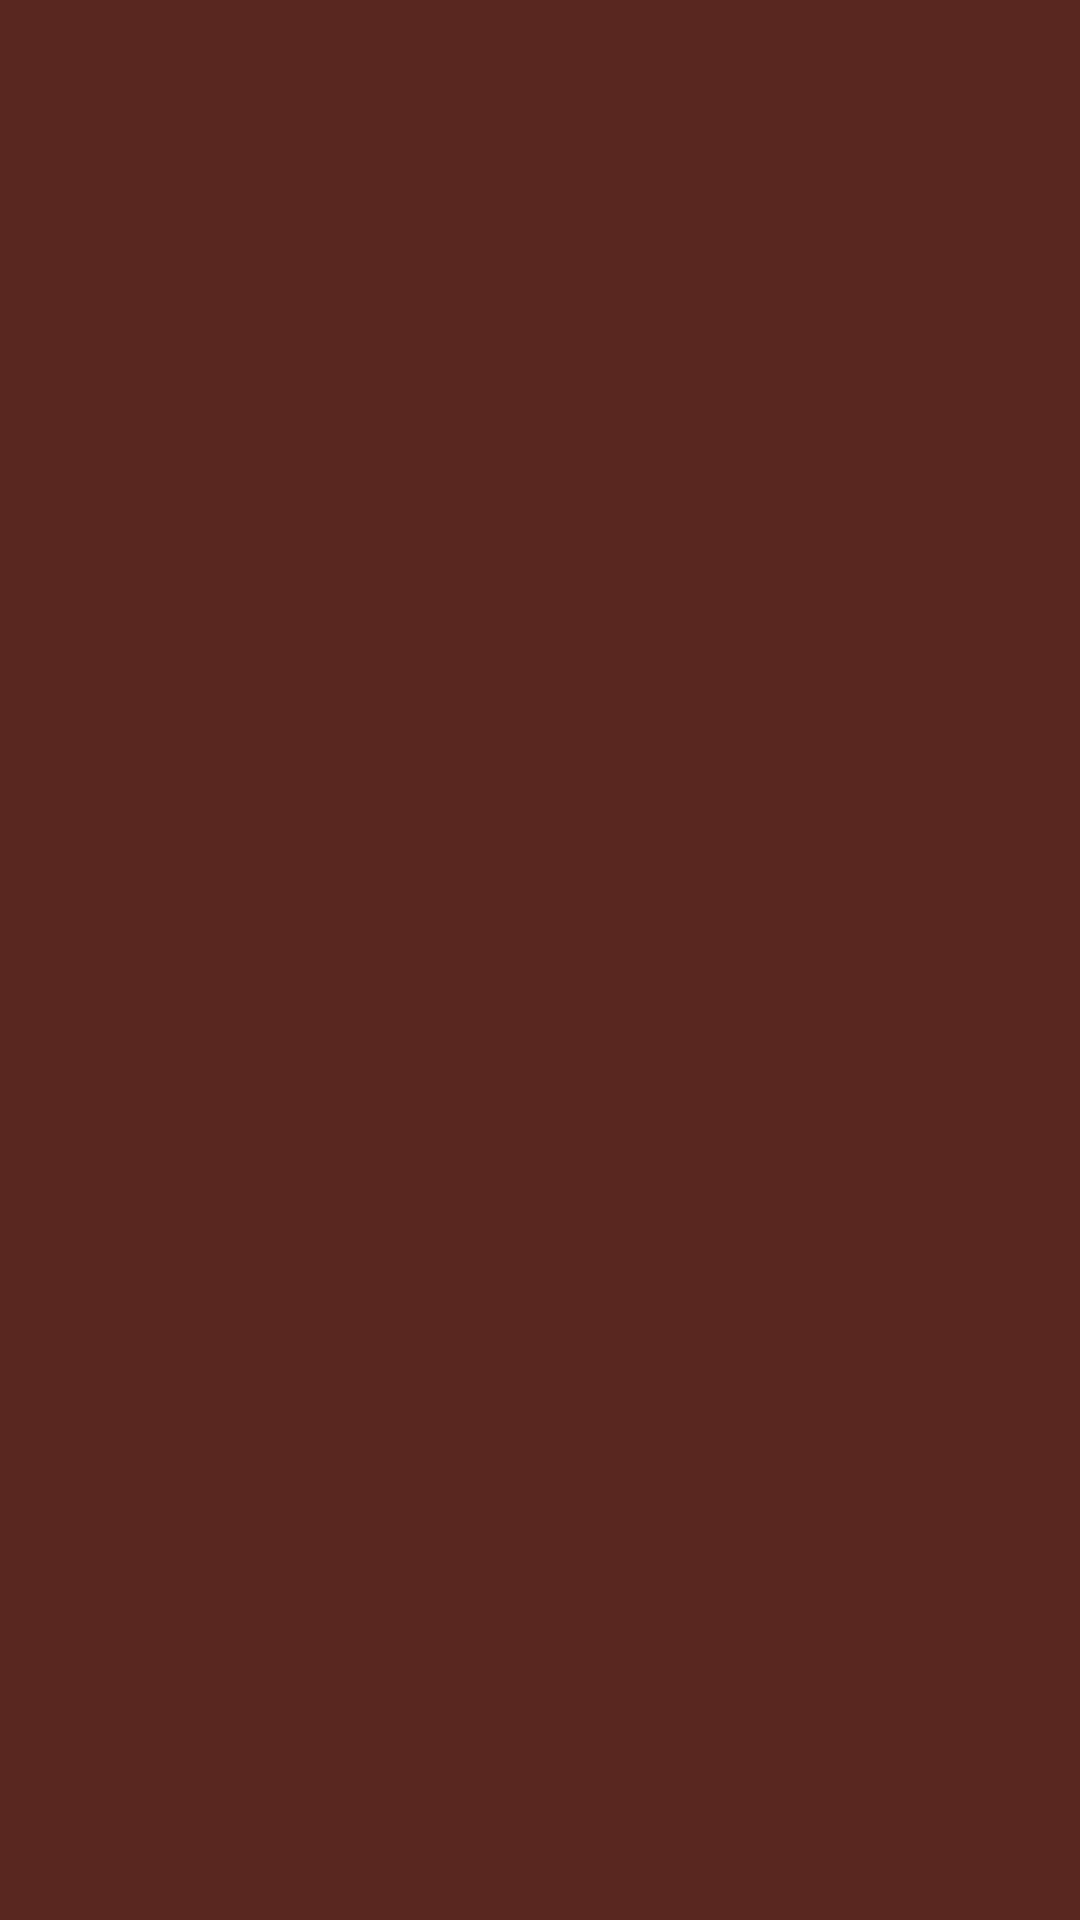 1080x1920 Caput Mortuum Solid Color Background